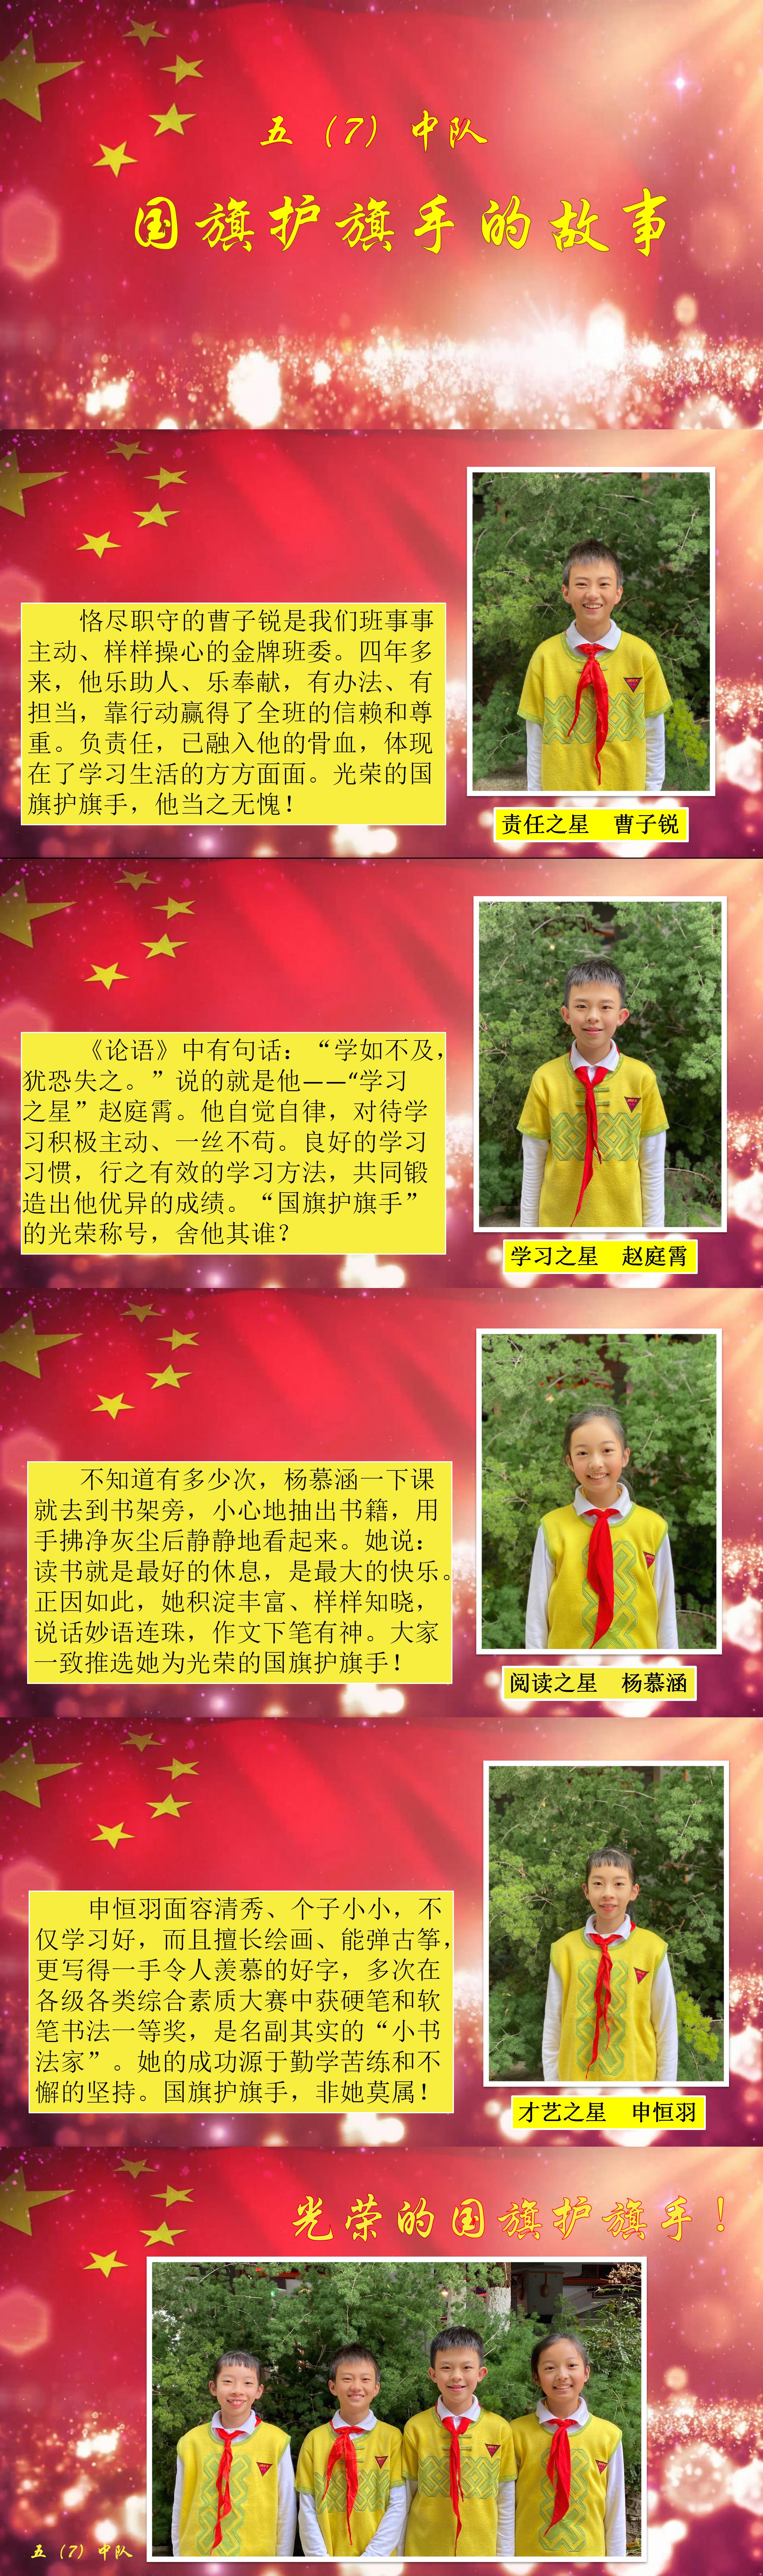 五(7)班国旗护旗手 上传.png